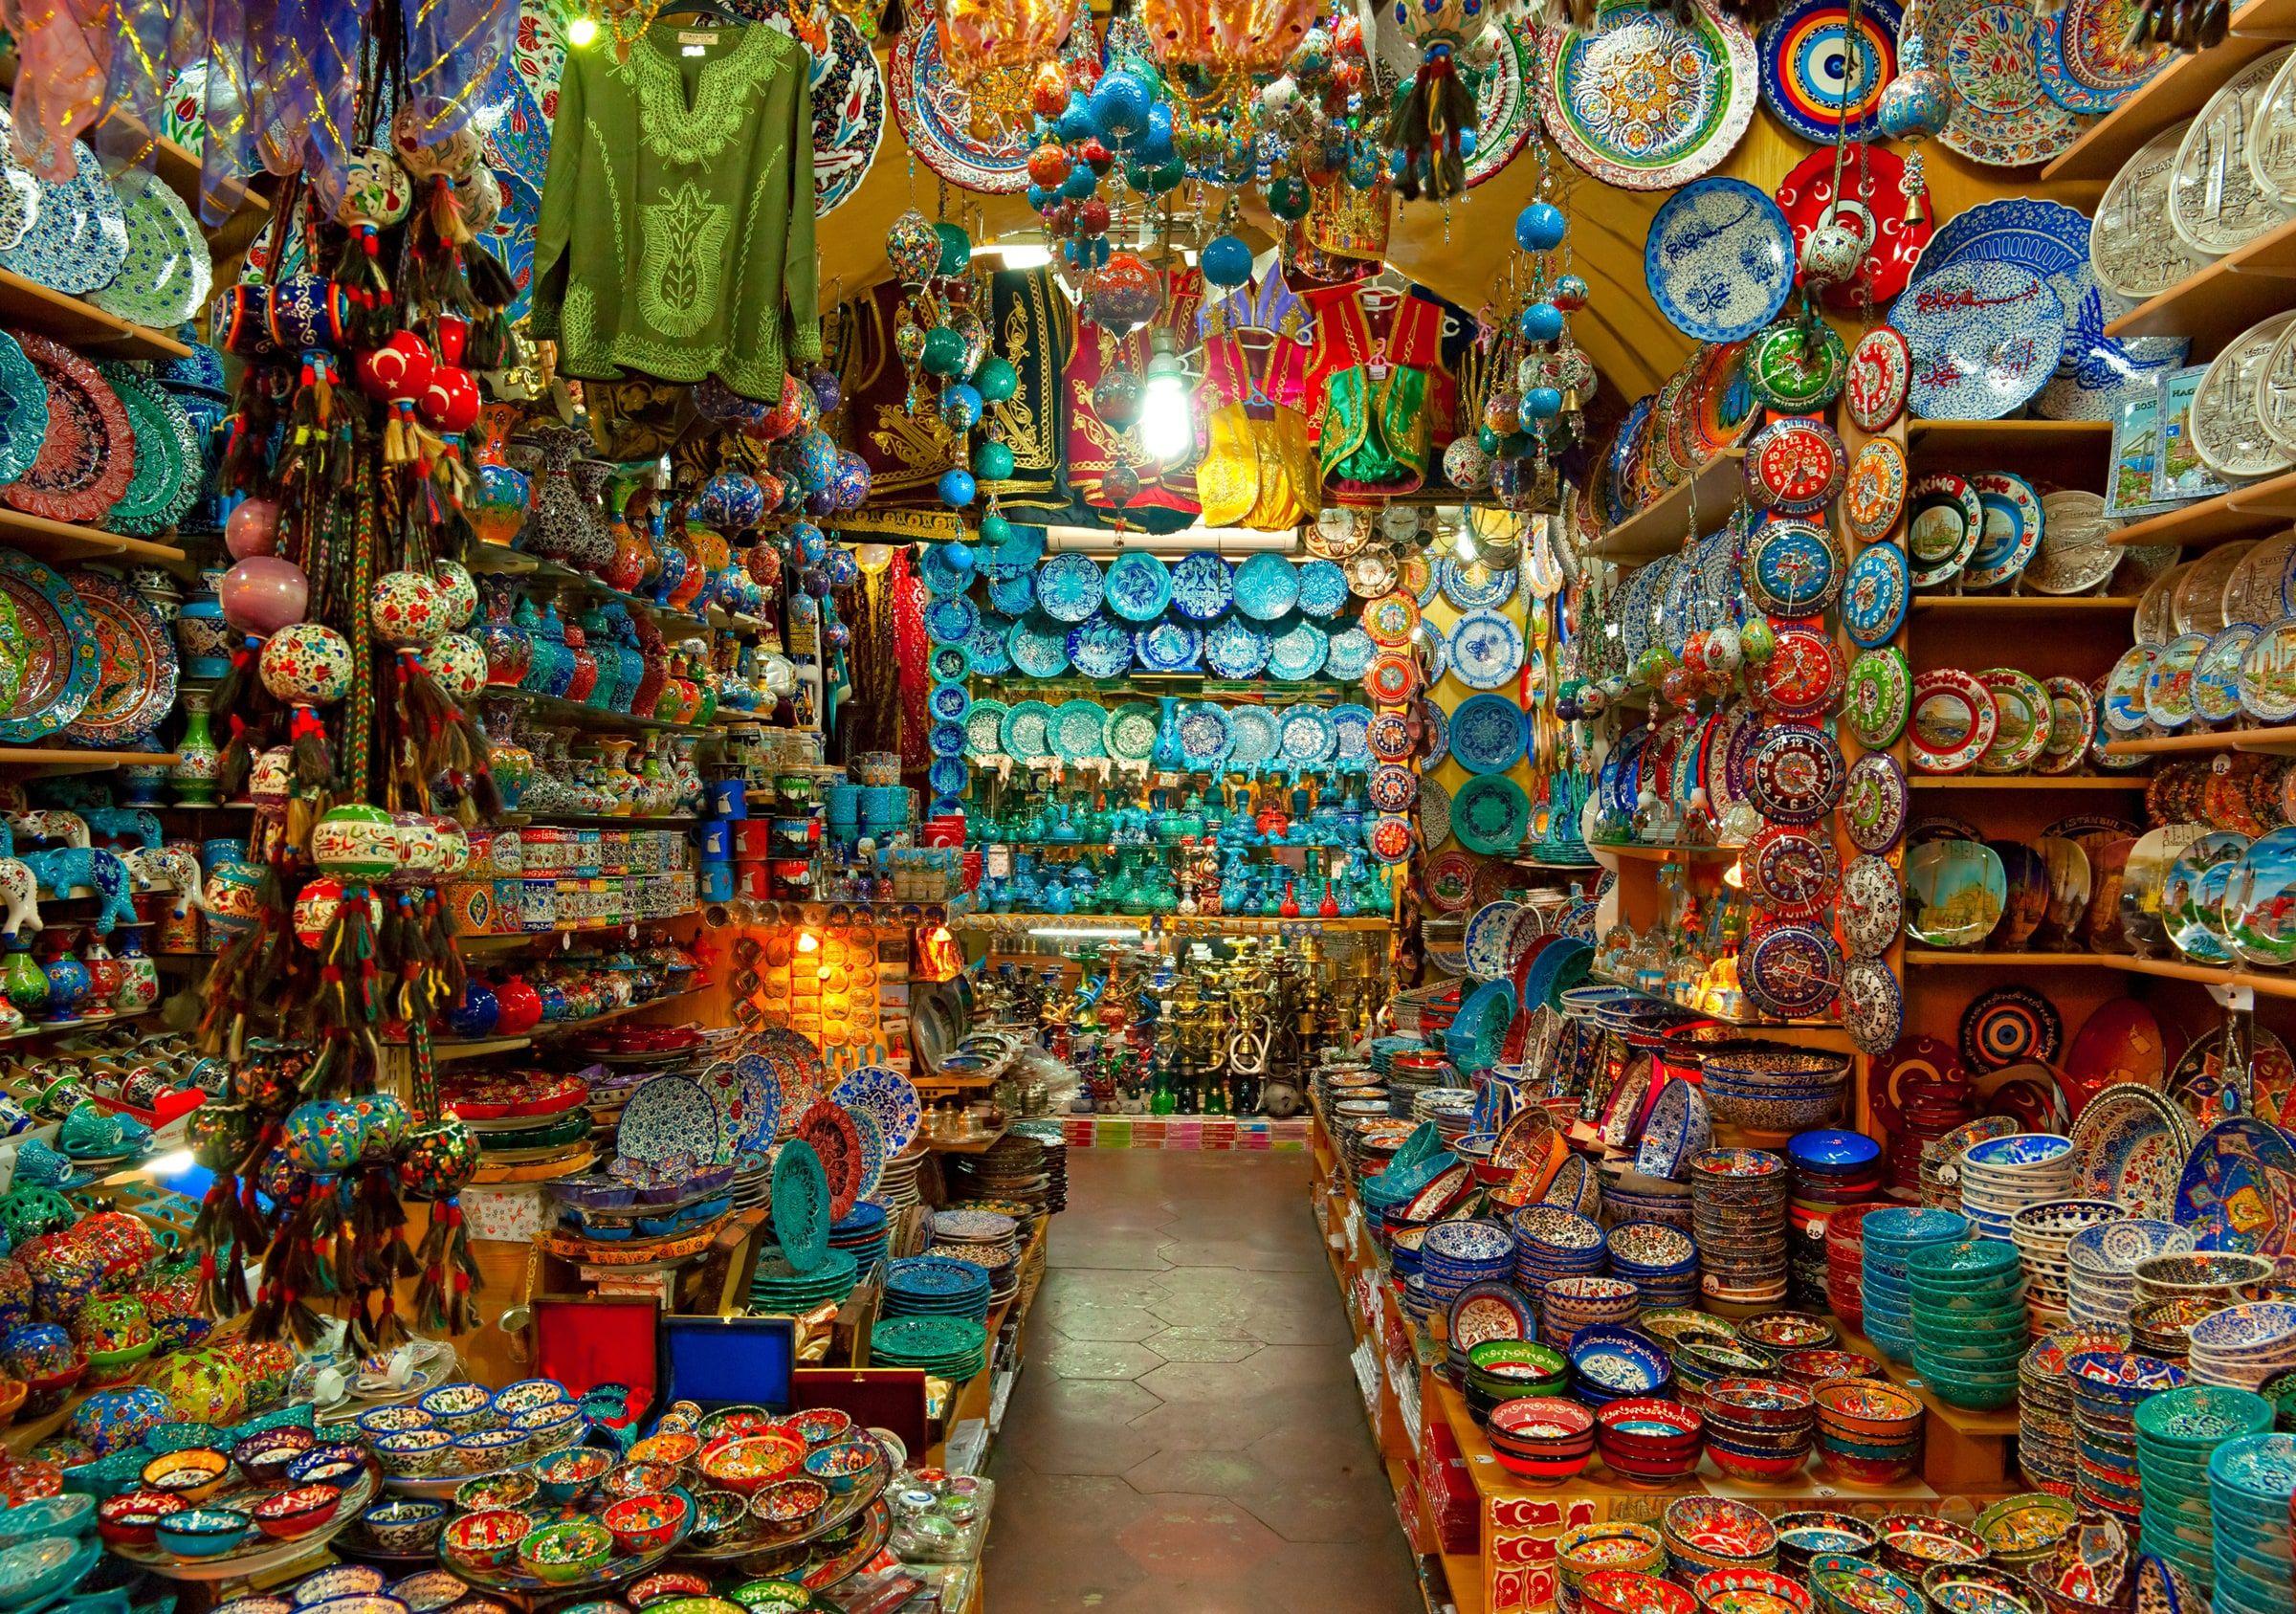 Buy Grand Bazaar Shops in Istanbul from Wentworth Wooden Puzzles: The Grand  Bazaar in Istanbul is one of the la… | Grand bazaar istanbul, Tourist trap, Grand  bazaar